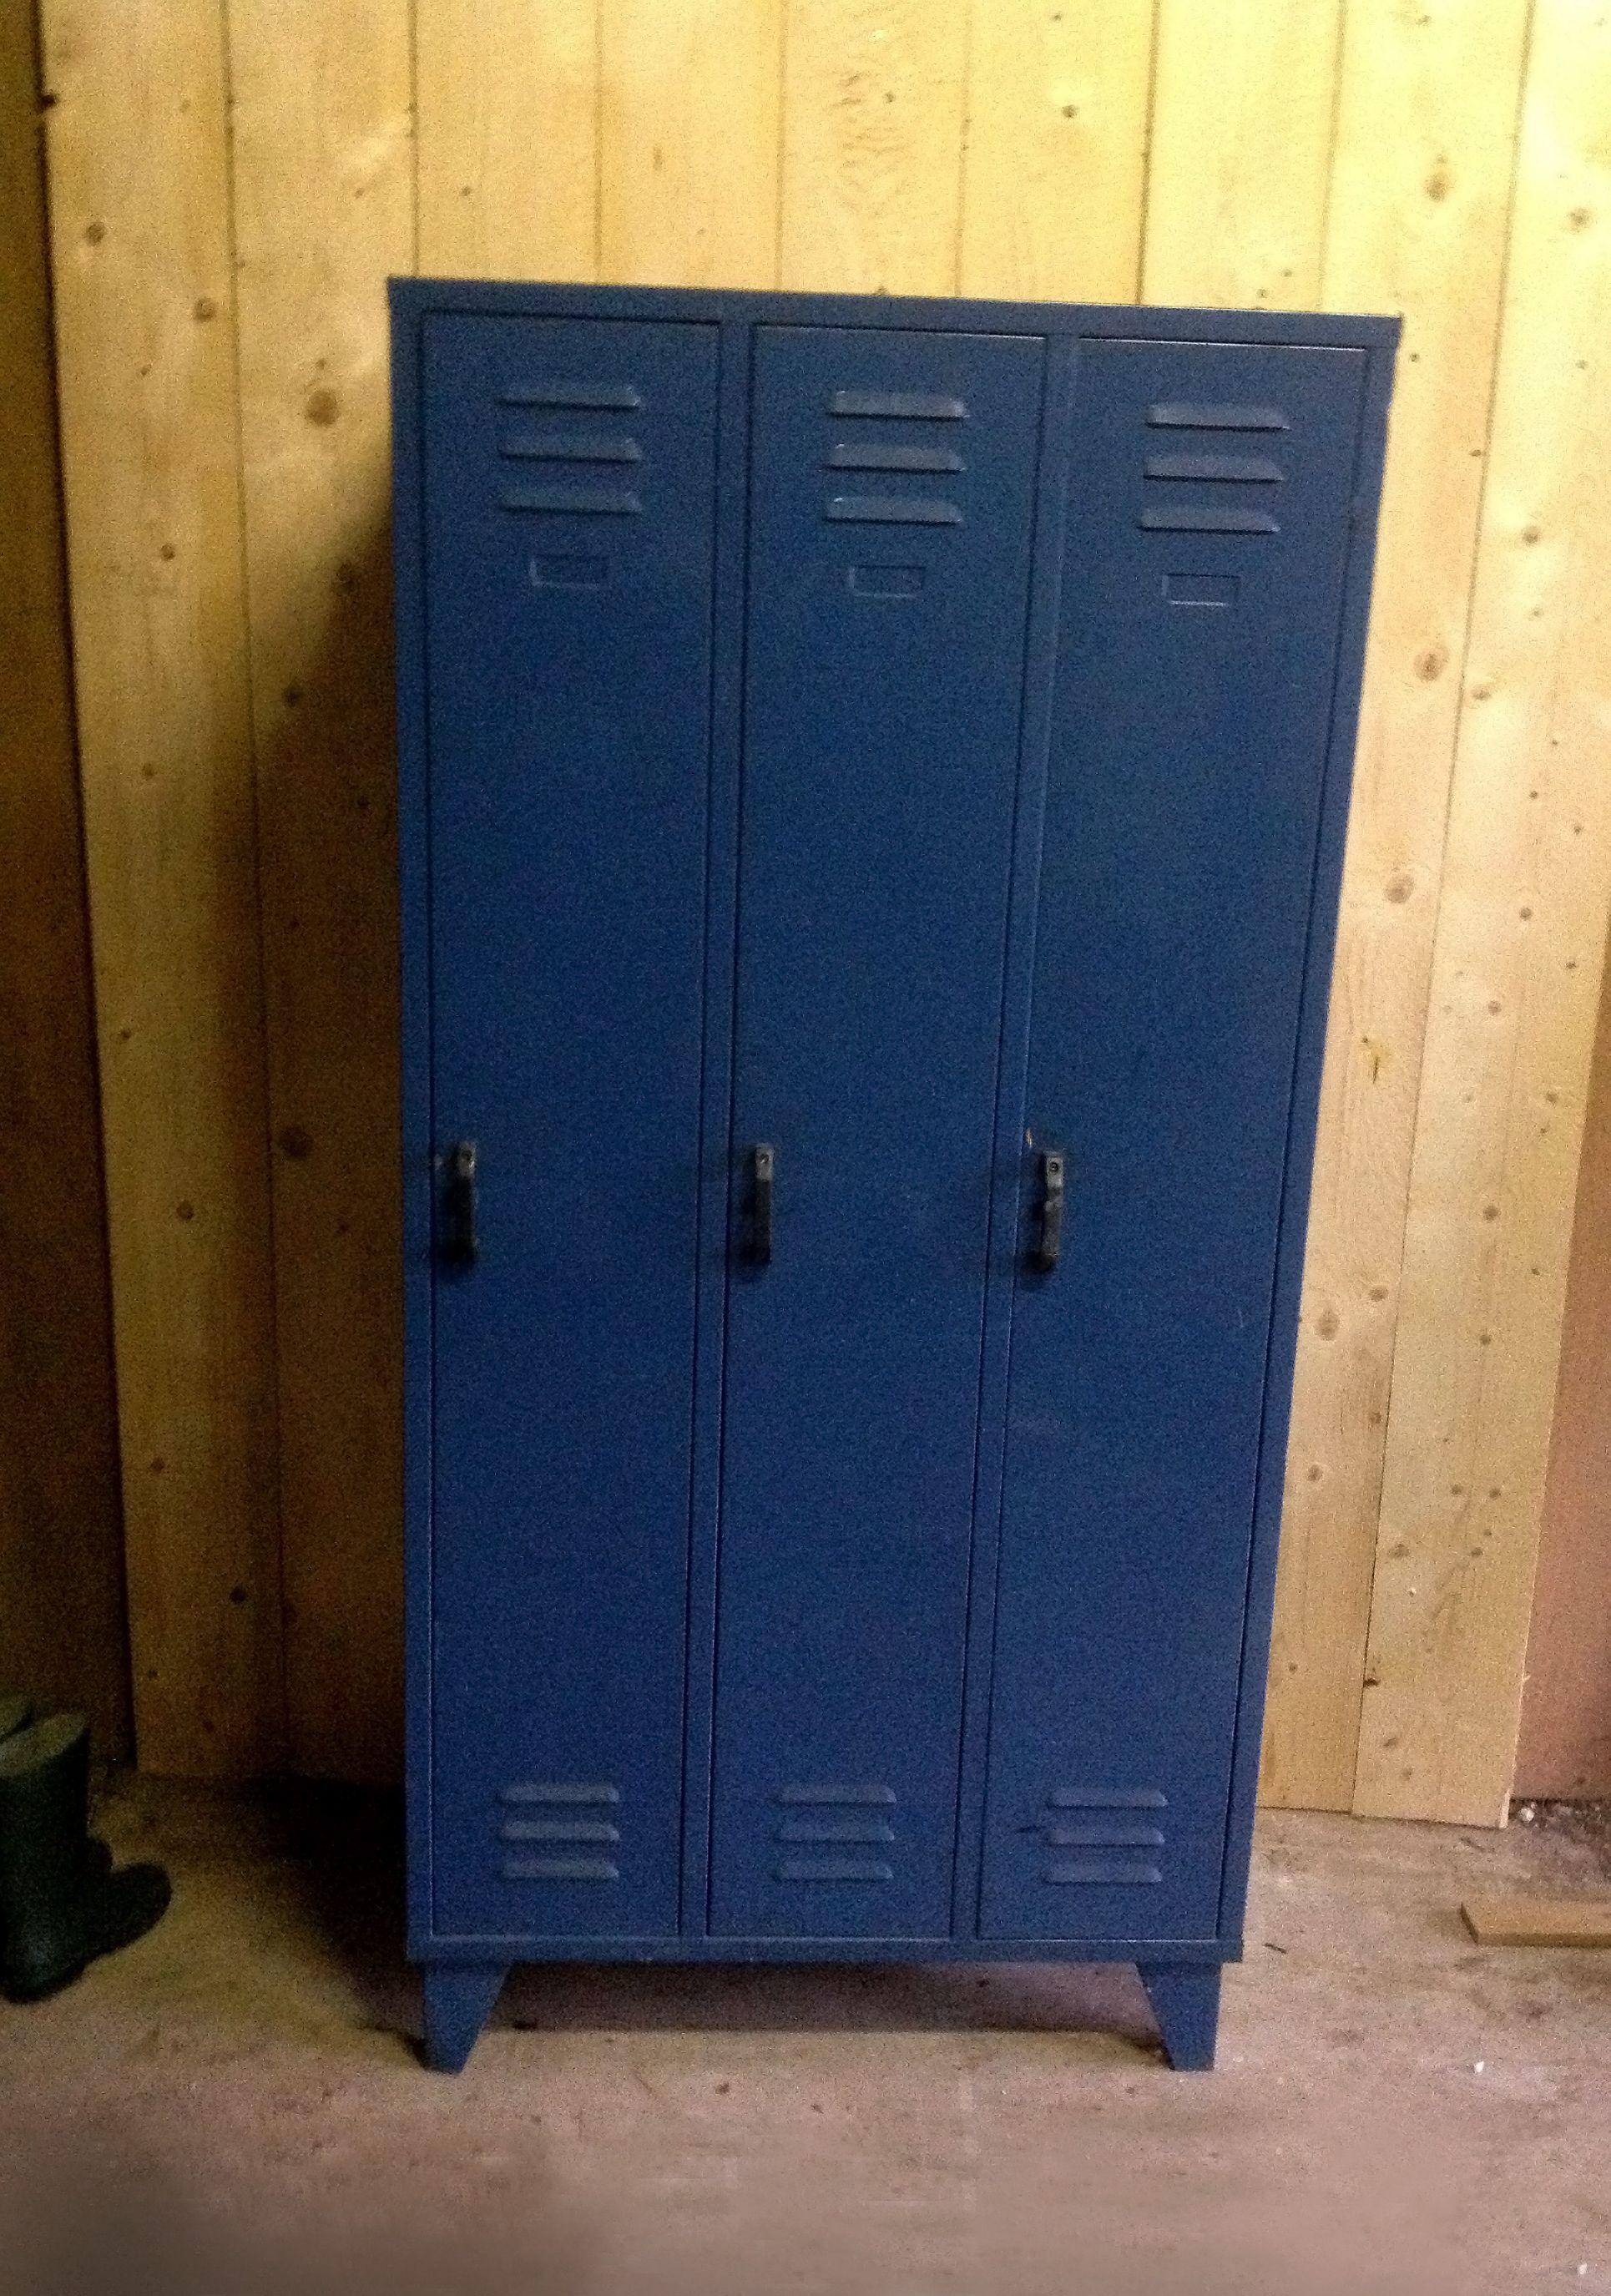 Leuke, stoere blauwe #lockerkast #locker #kast voor bijvoorbeeld op ...